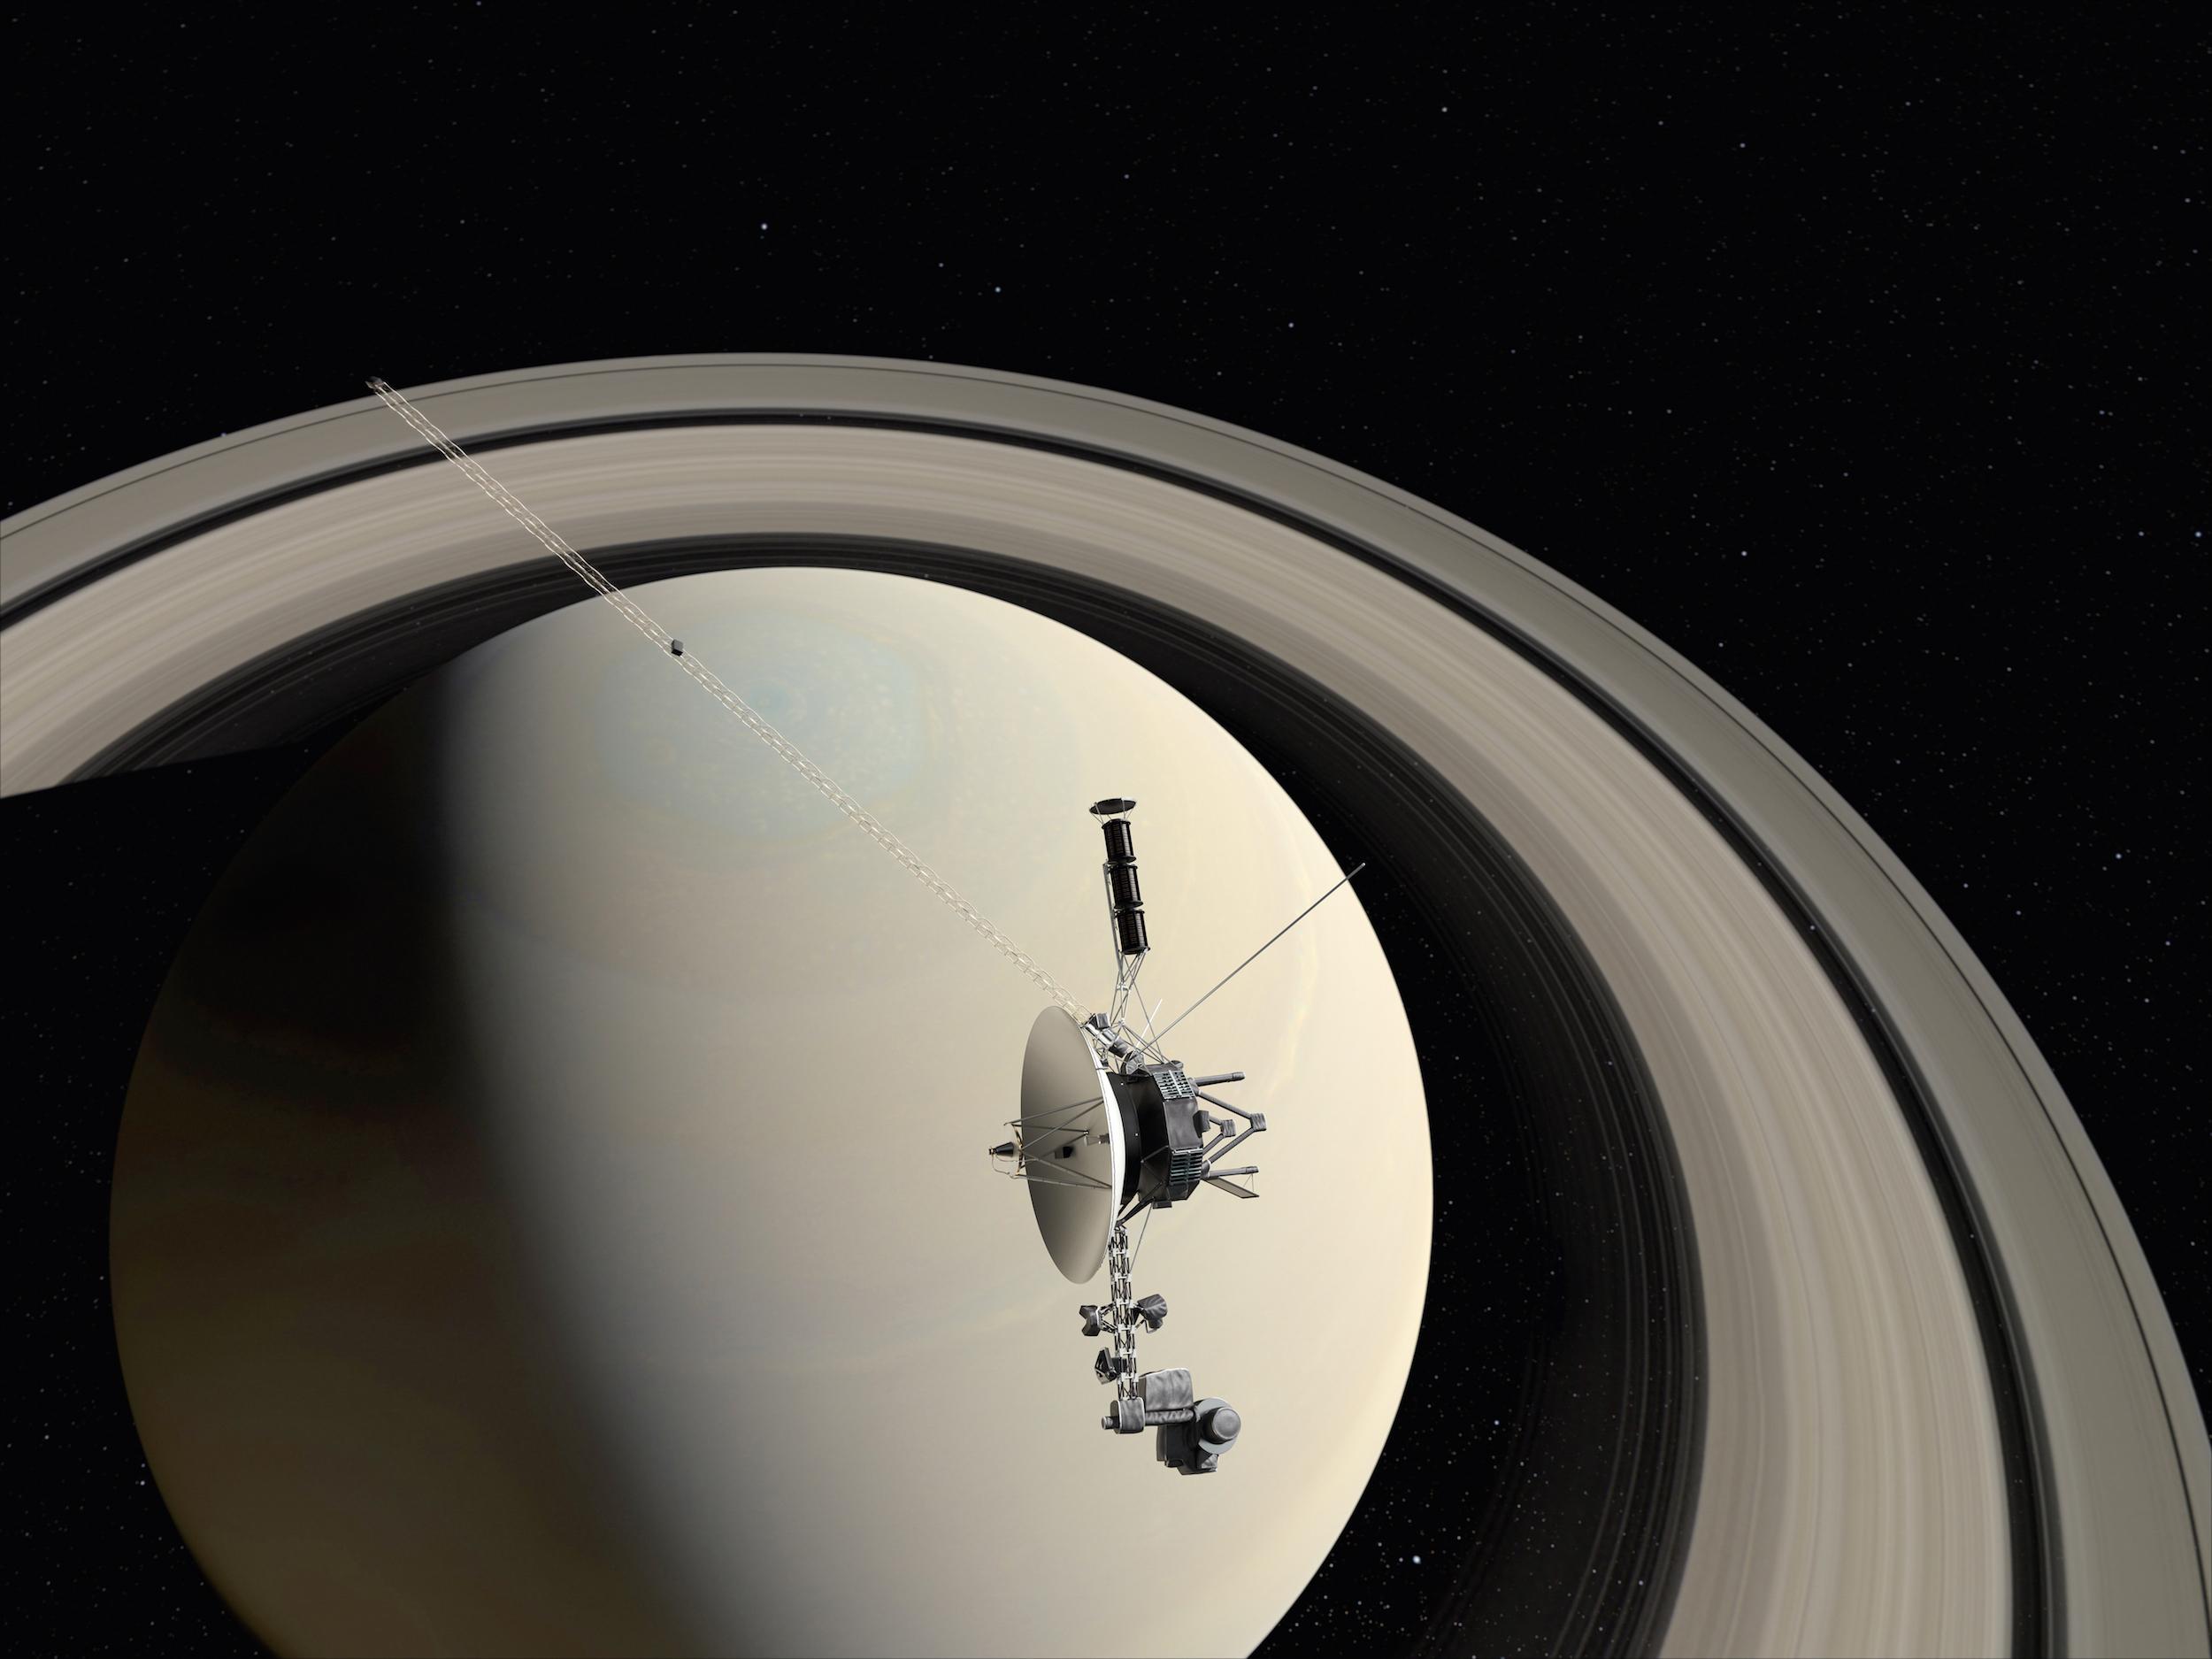 Фотографии со спутника вояджер